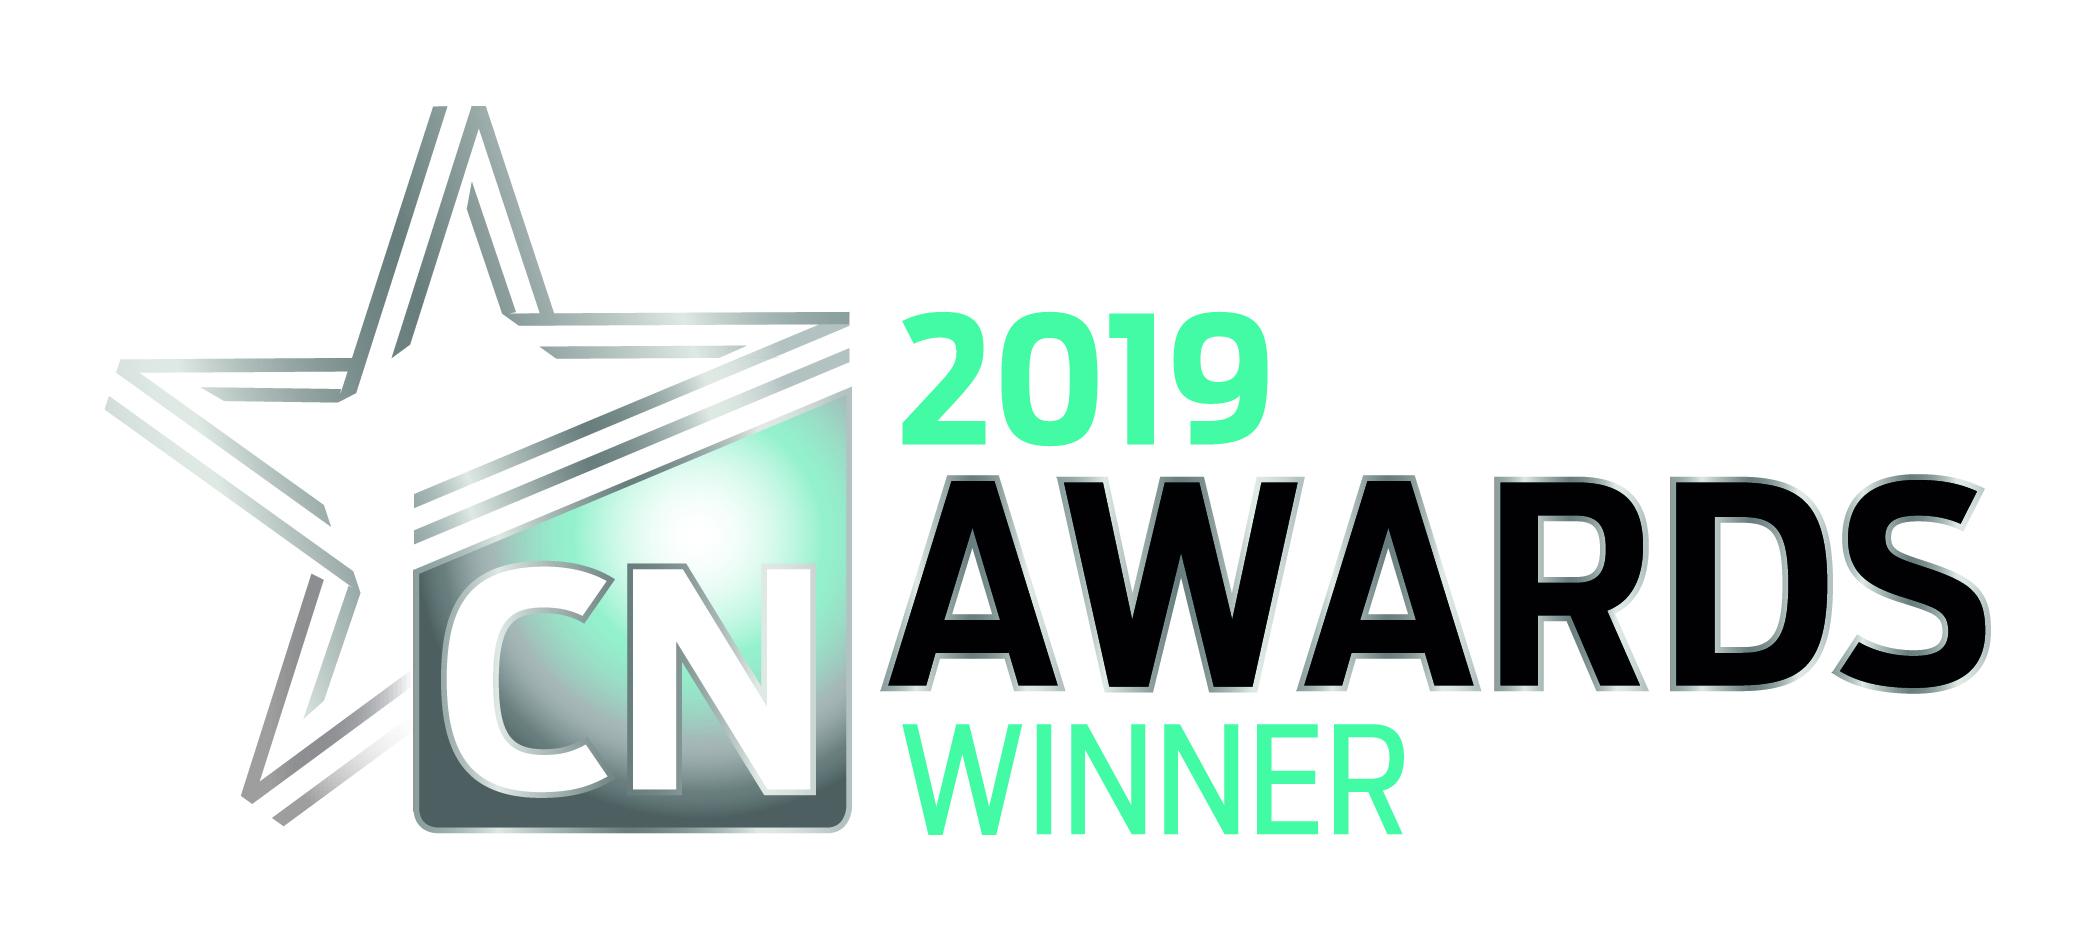 CN 2019 Awards Logo - Winner HR.jpg